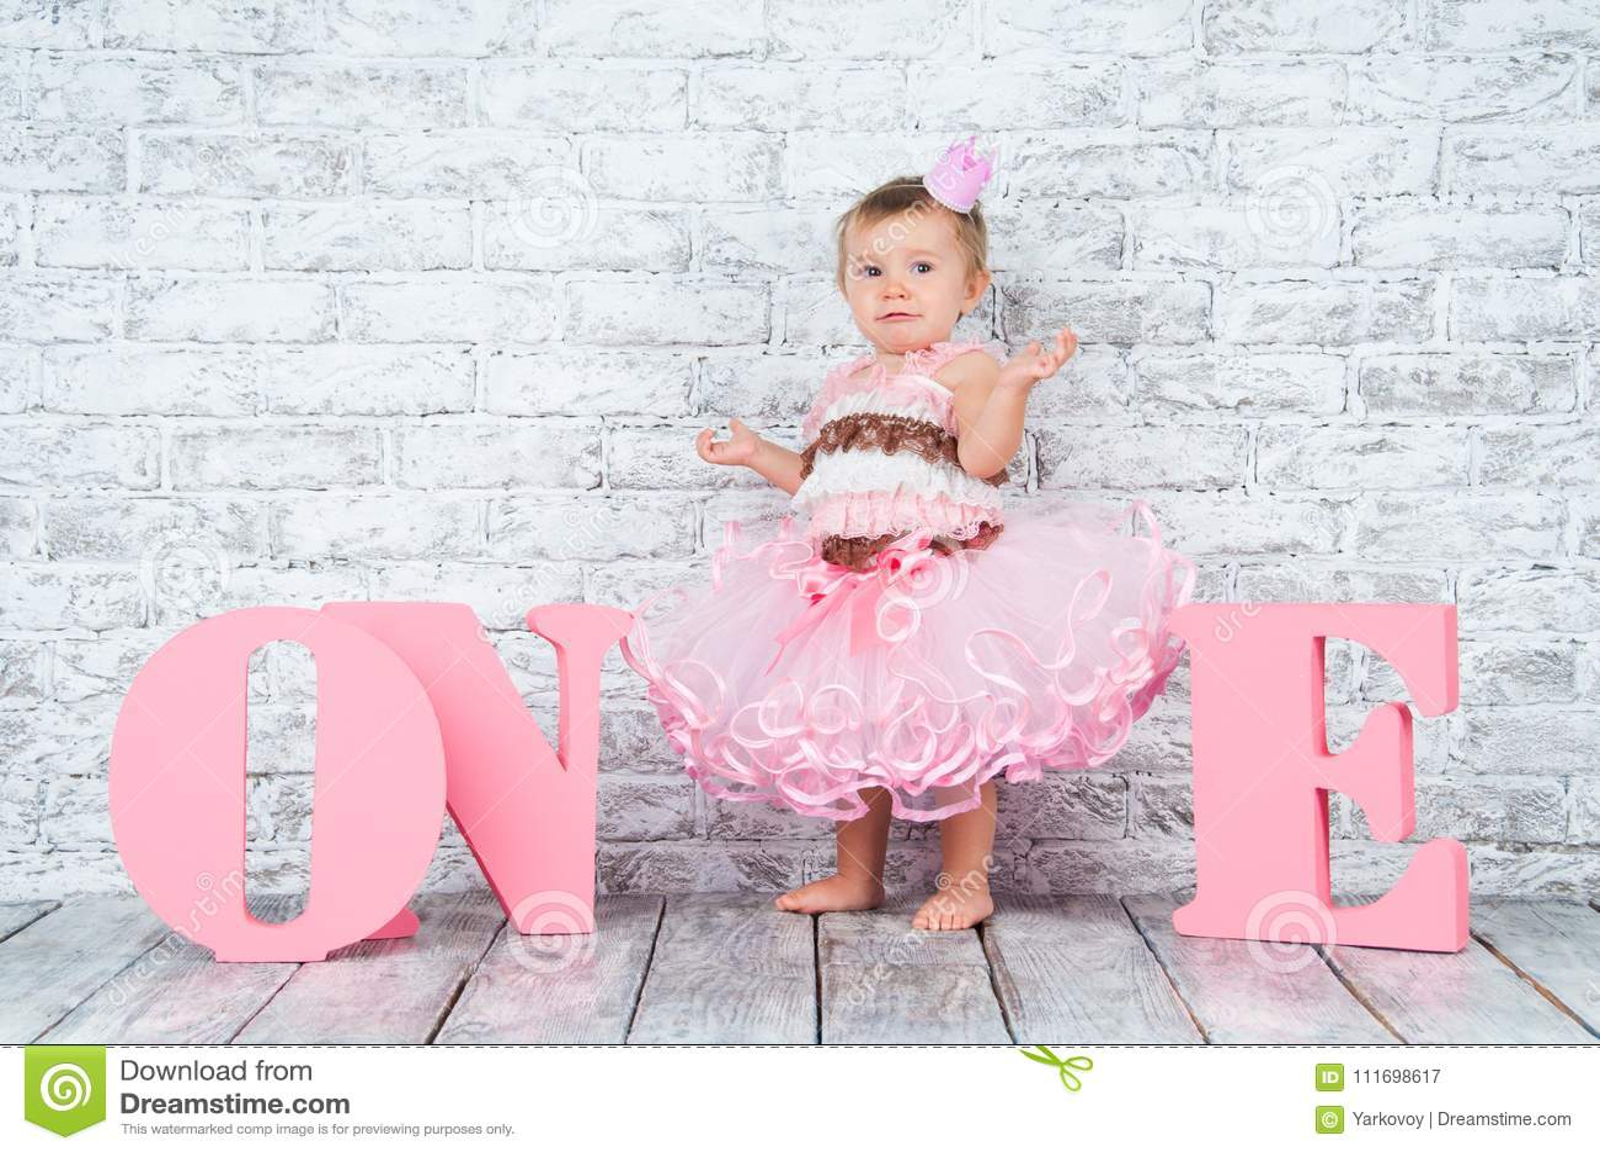 Belle Et Mignonne Fille Dans Une Robe Rose Avec Les Lettres Une Sur Son Premier Anniversaire Fille Emotive Image Stock Image Du Premier Belle 111698617